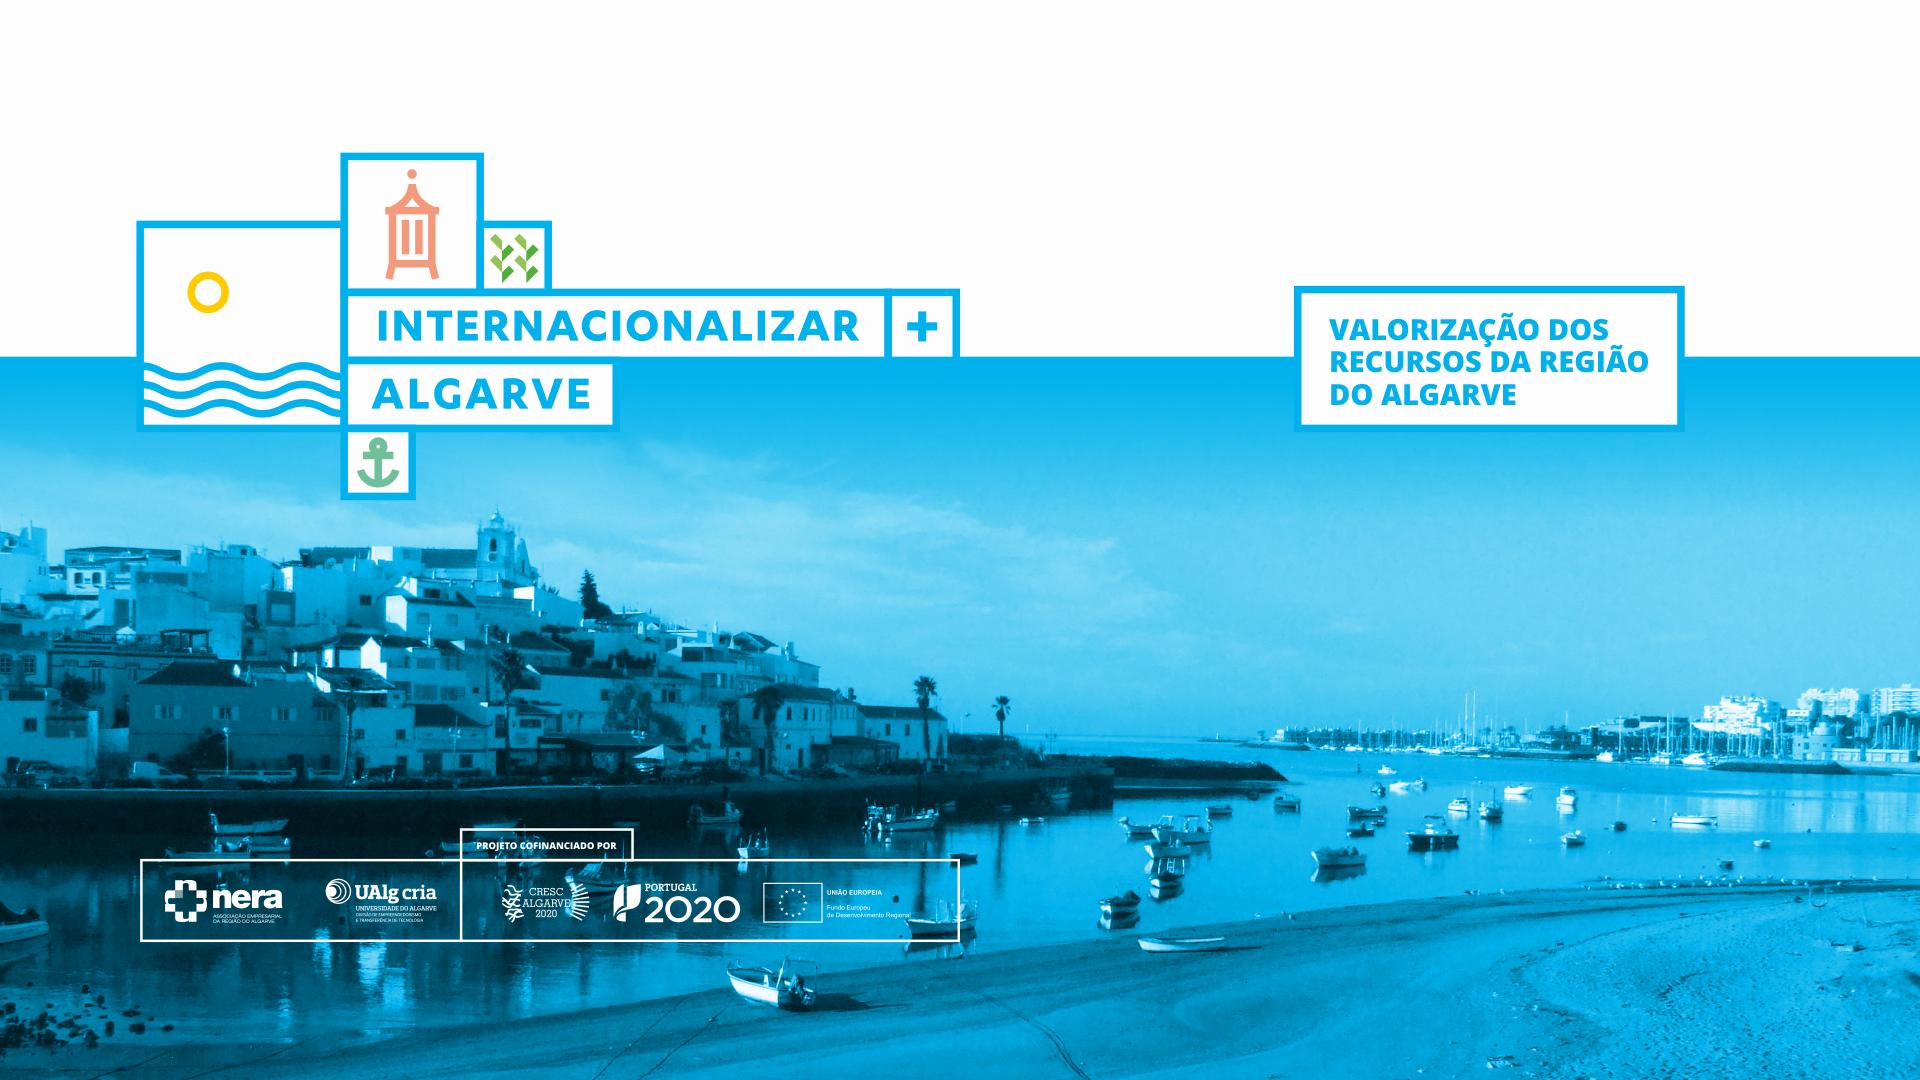 Internacionalizar Mais Algarve